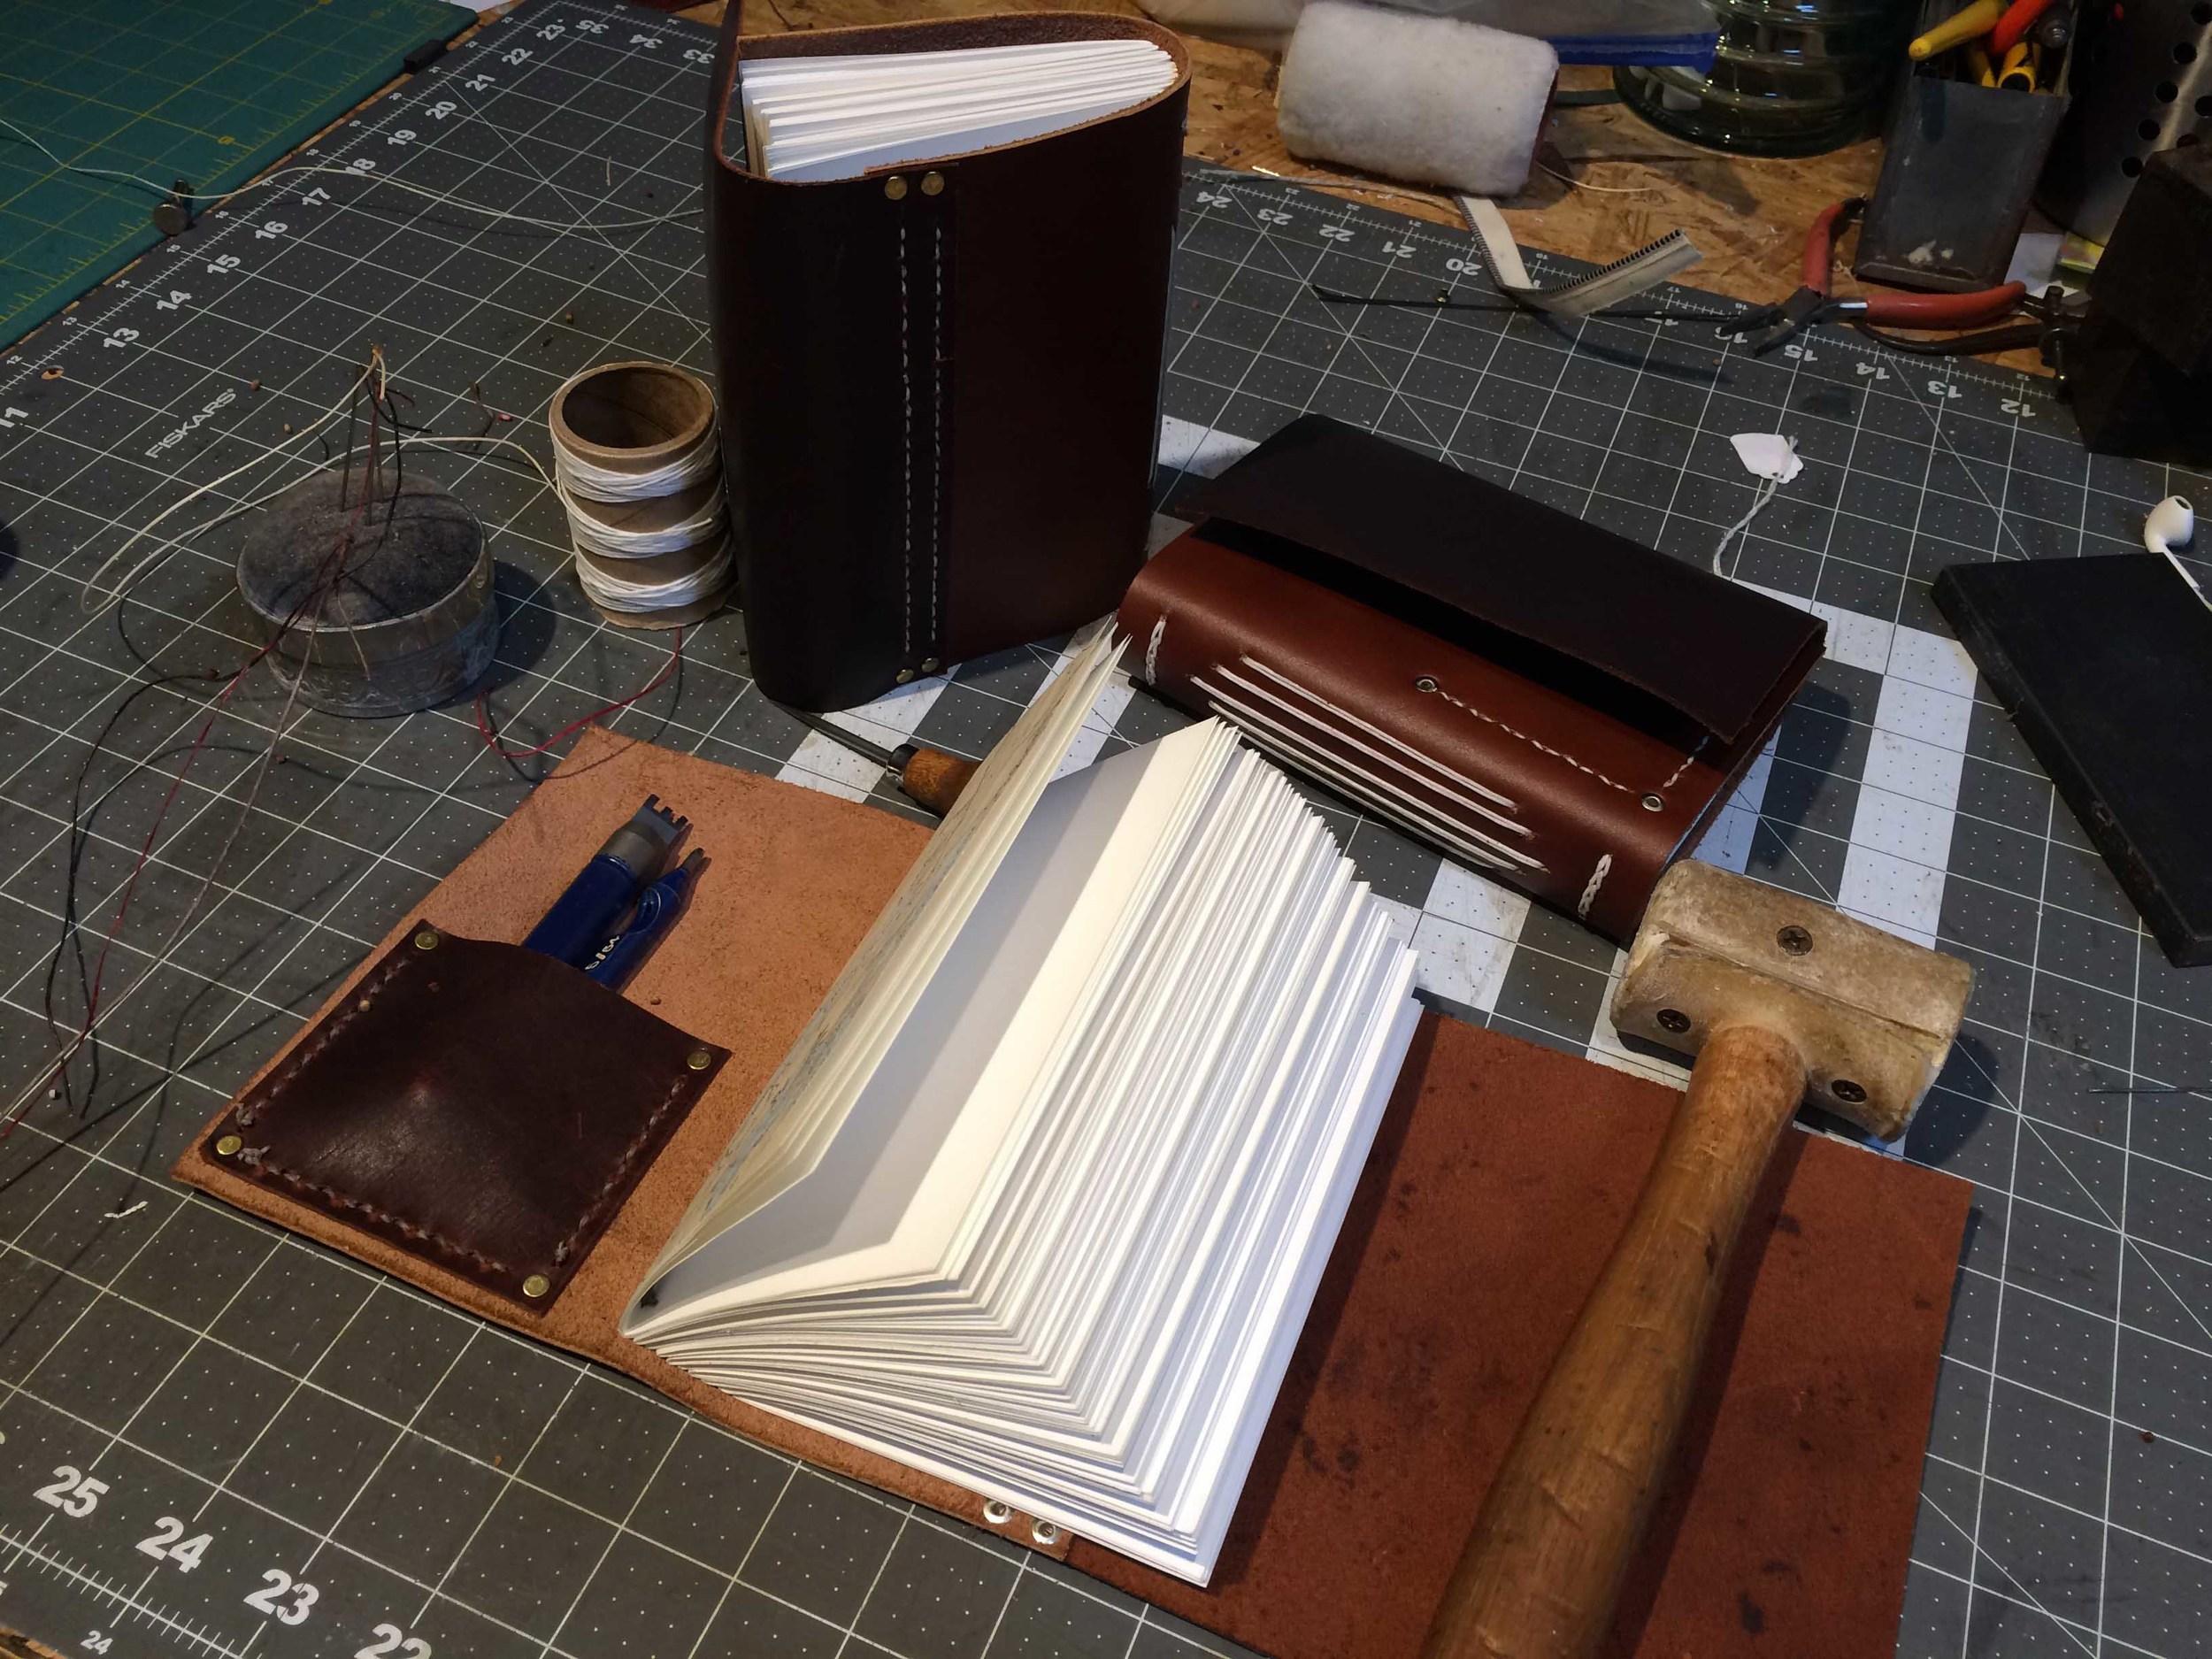 dski-design-cabin-duo-leather-1.jpg